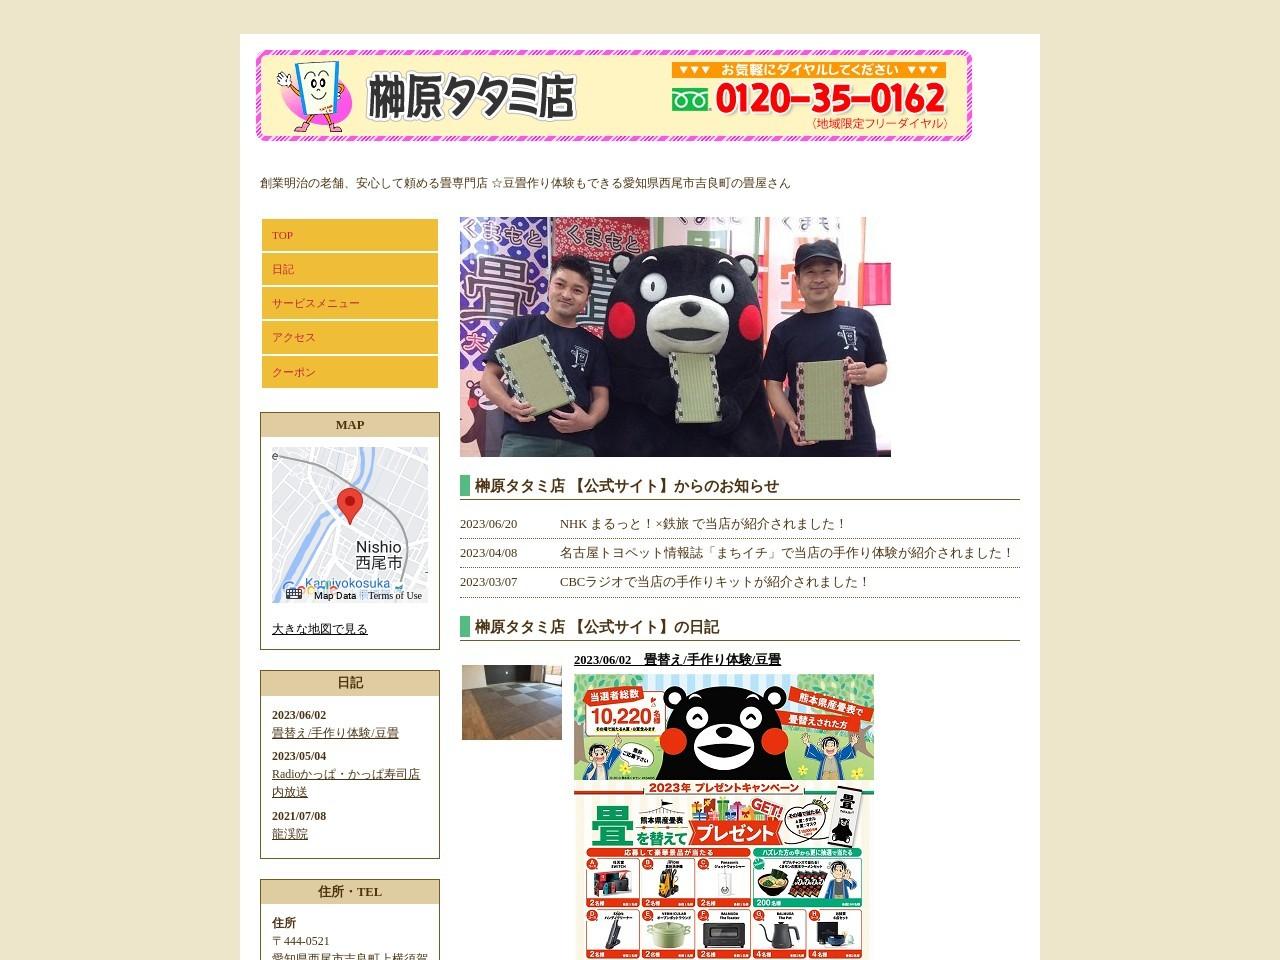 榊原タタミ店 【公式サイト】 | Top - お店のミカタ